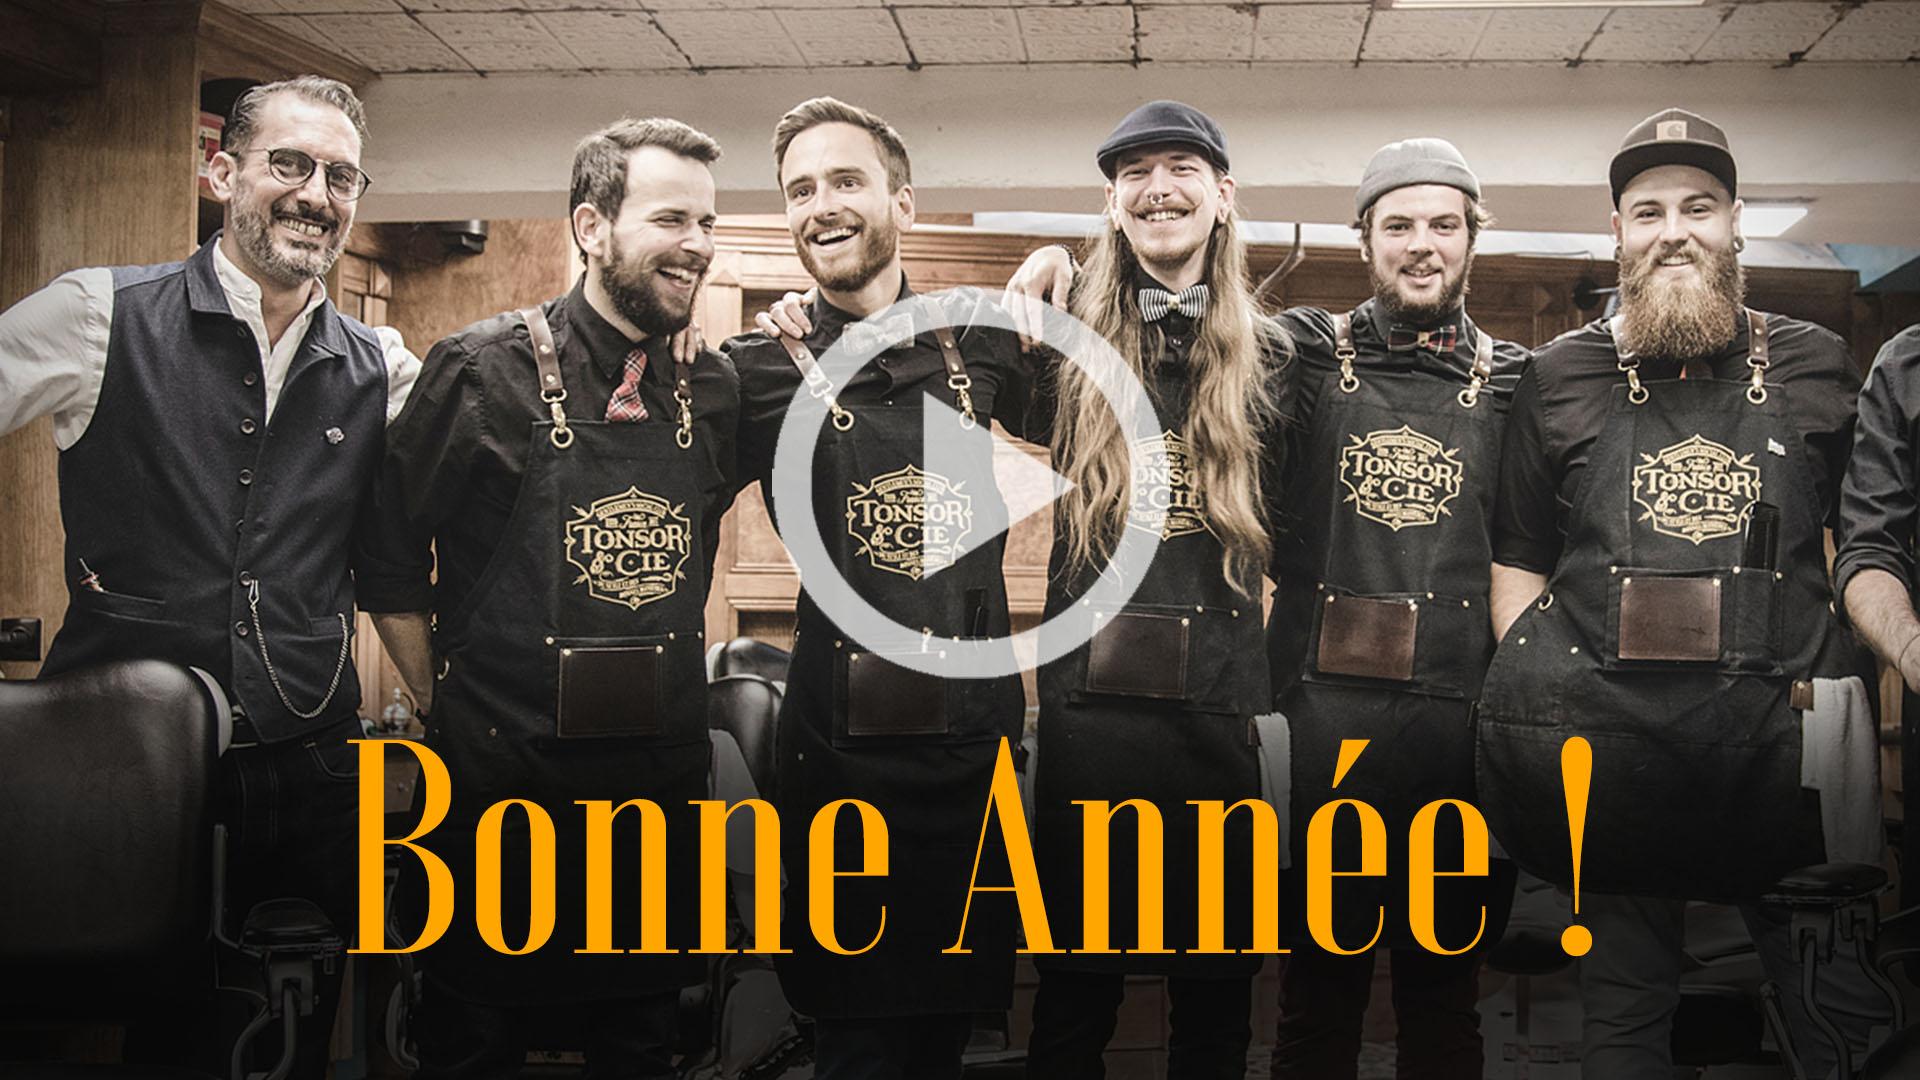 Bonne_année_2019_tonsor_cie_barbier